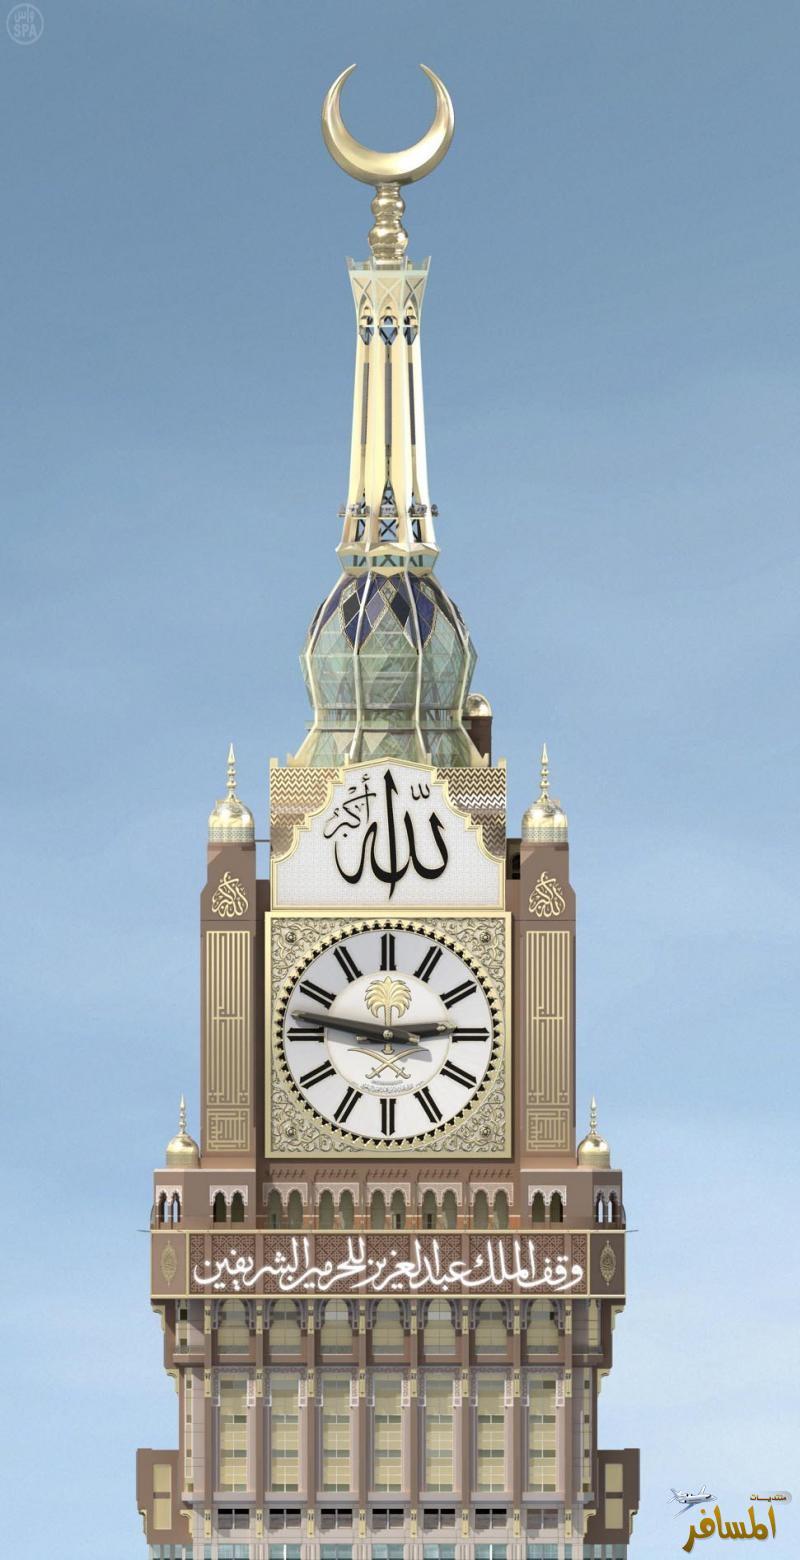 صوره ساعة مكة المكرمة , صور اكبر ساعة في العالم